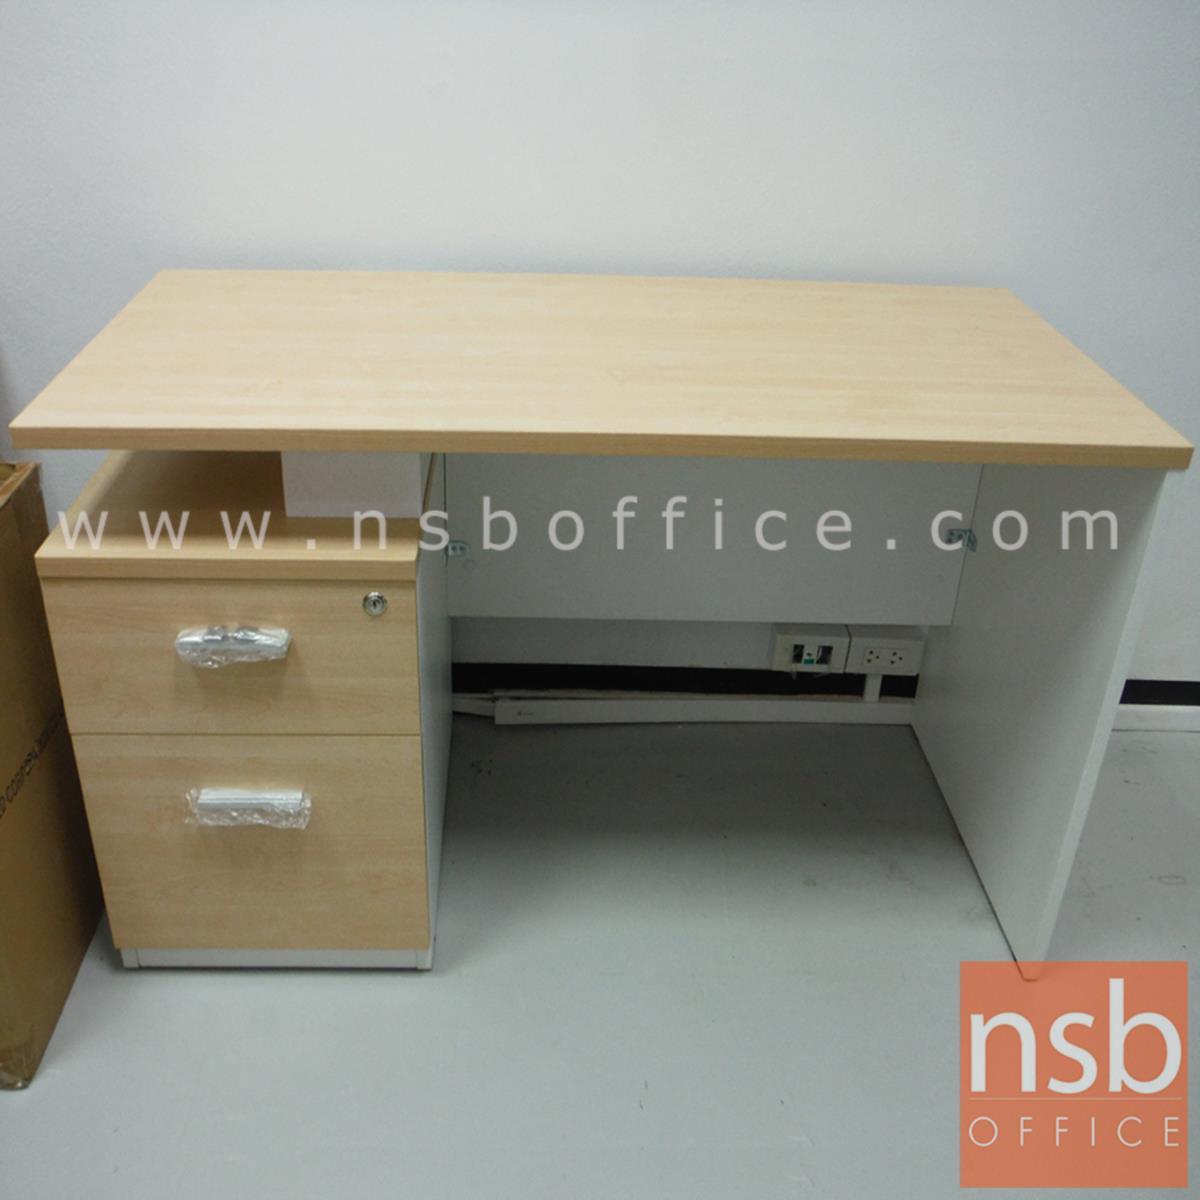 A12A061:โต๊ะทำงาน 2 ลิ้นชัก รุ่น VARIOUS-2 ขนาด 120W,135W,150W,160W*(60D, 75D, 80D) cm. เมลามีน